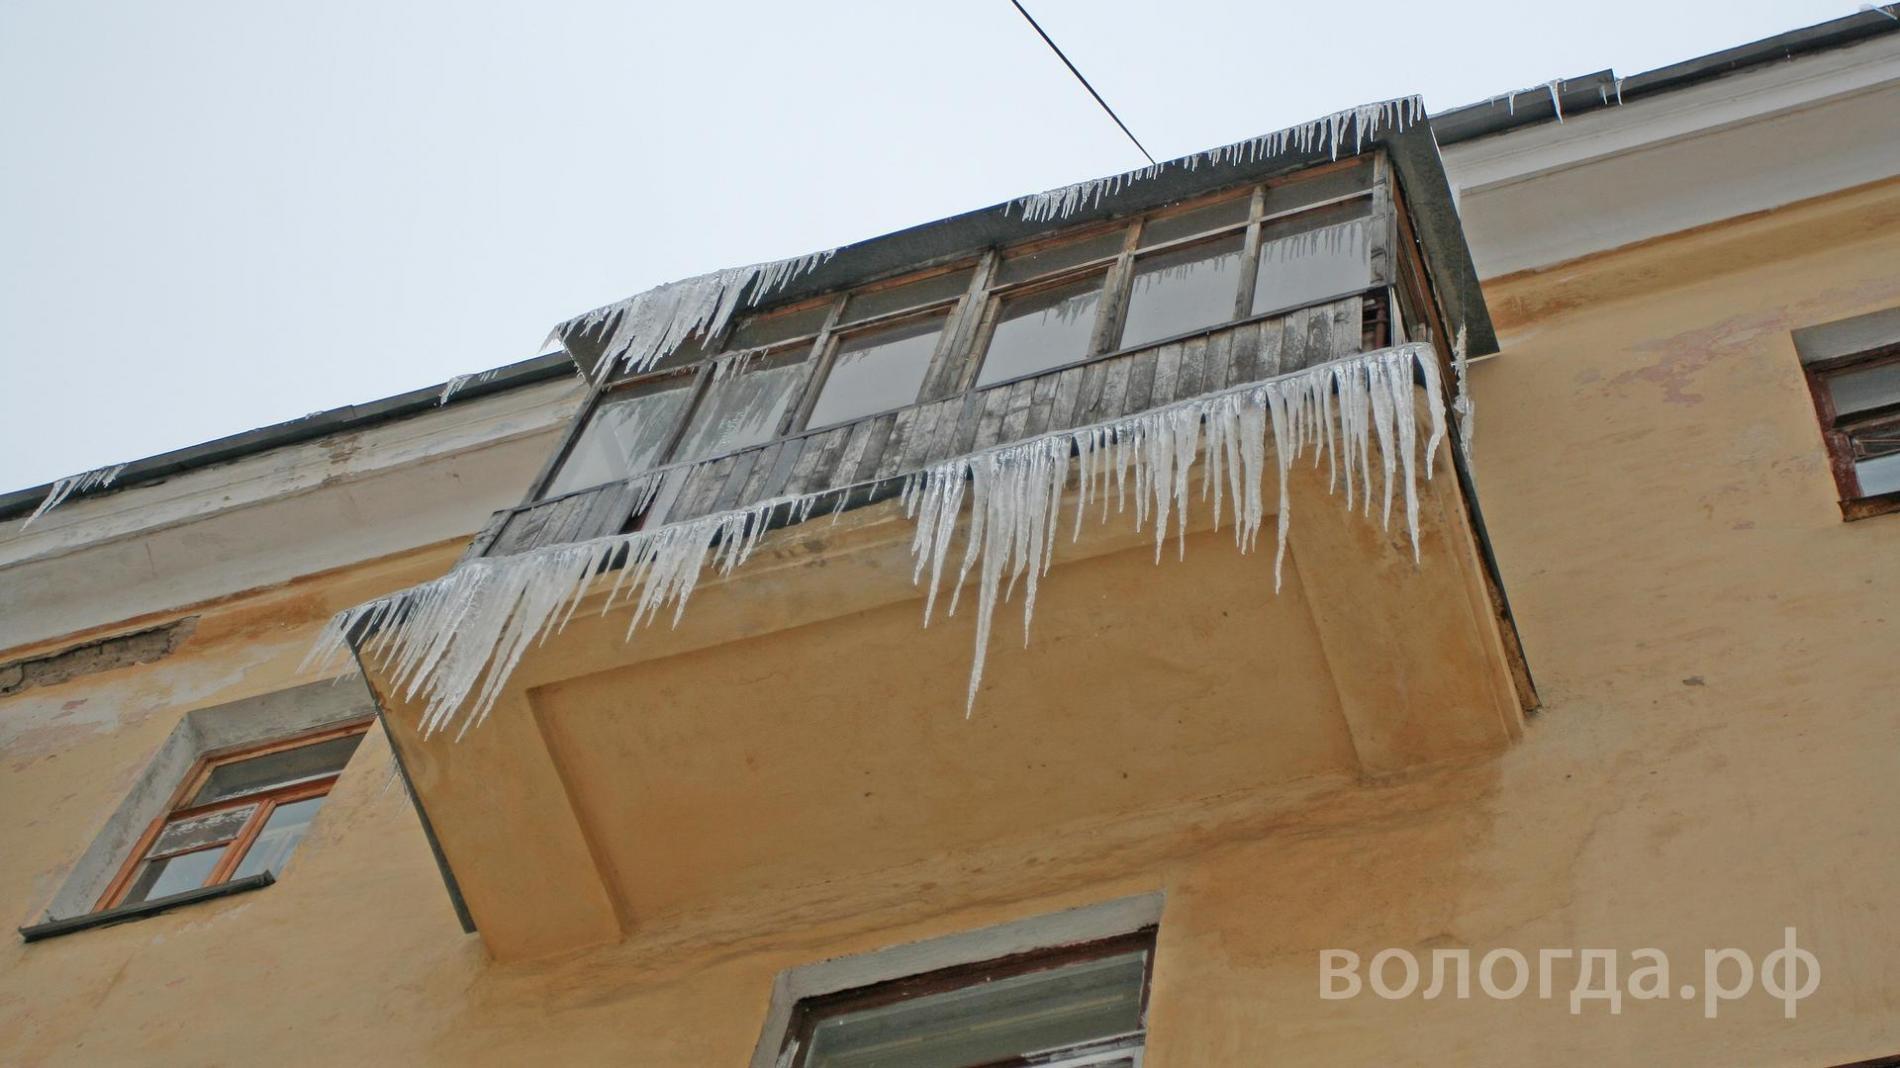 До50 тыс. руб. заплатятУК Вологды занесбитые сосульки